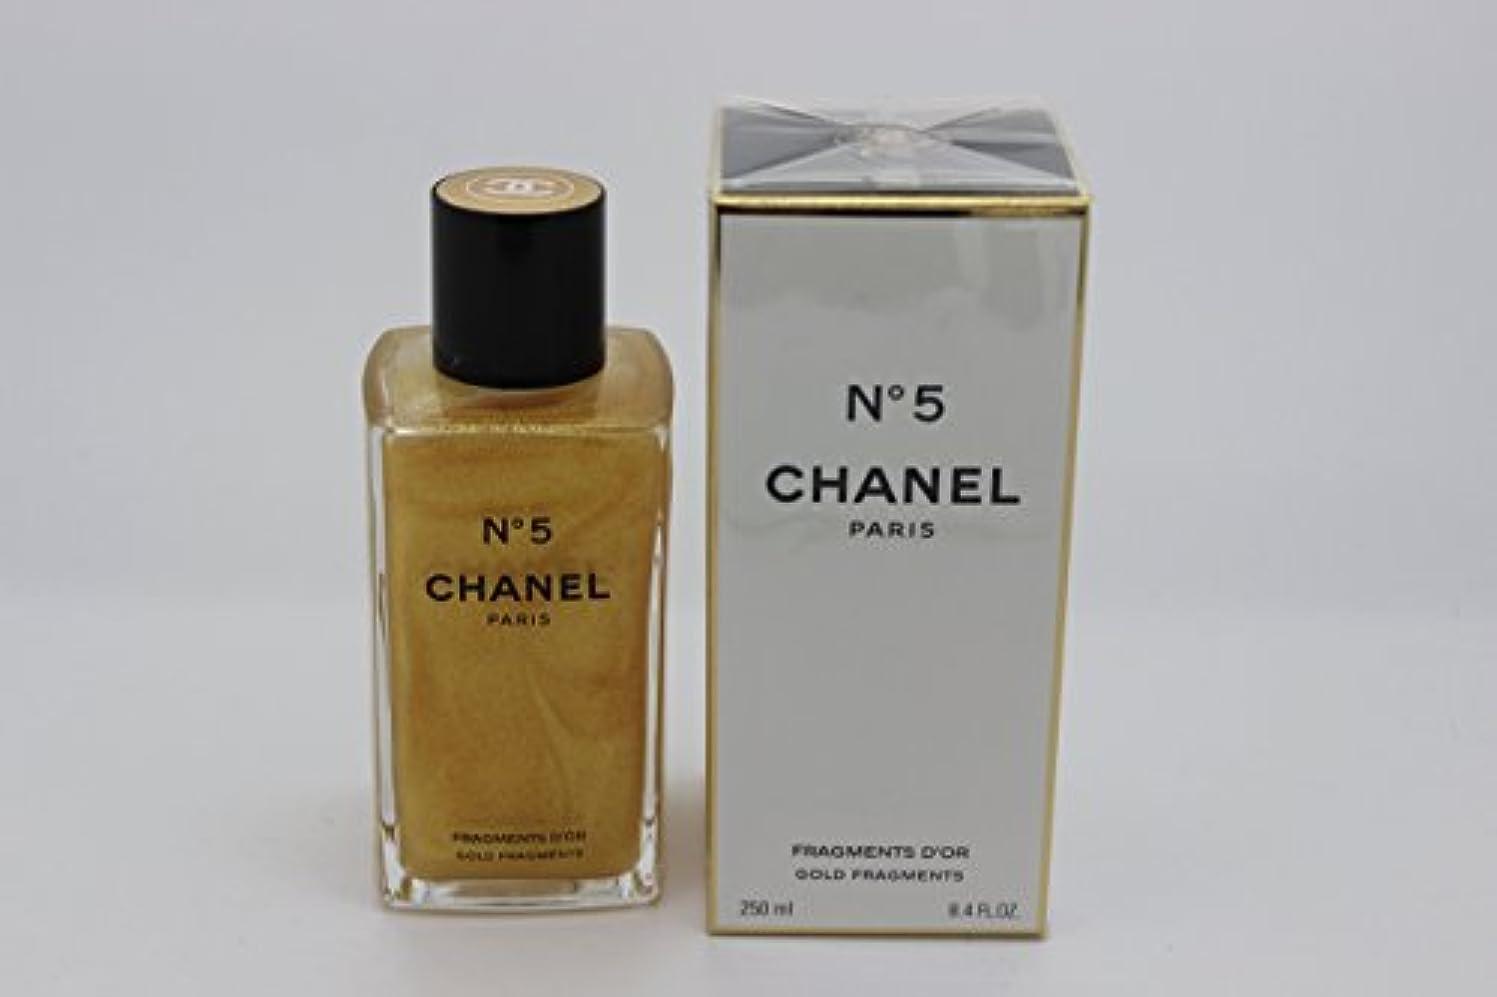 成熟寄生虫下着Chanel No. 5 (シャネル No. 5) 8.4 oz (252ml) Gold Fragments Shimmering Body Gel for Women